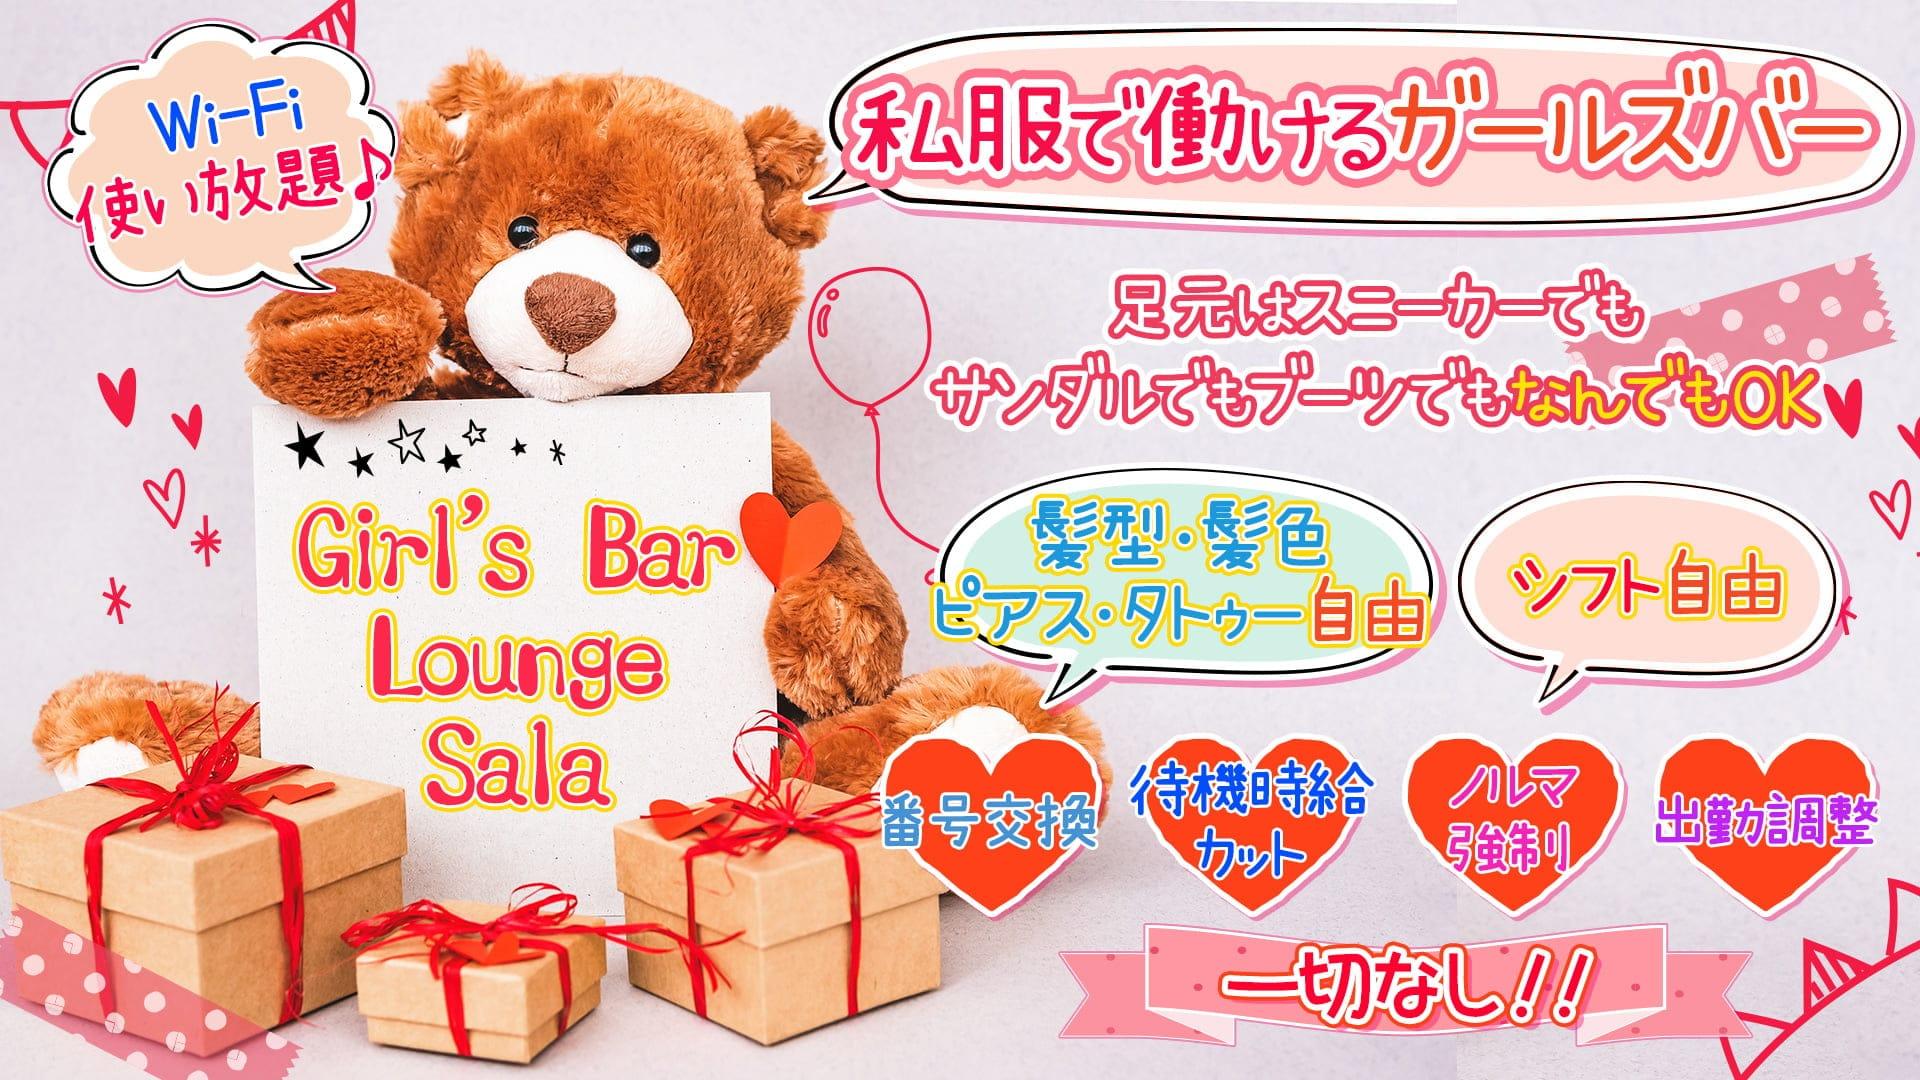 Girl's Bar Lounge Sala(サラ)【公式求人・体入情報】 蒲田ガールズバー TOP画像